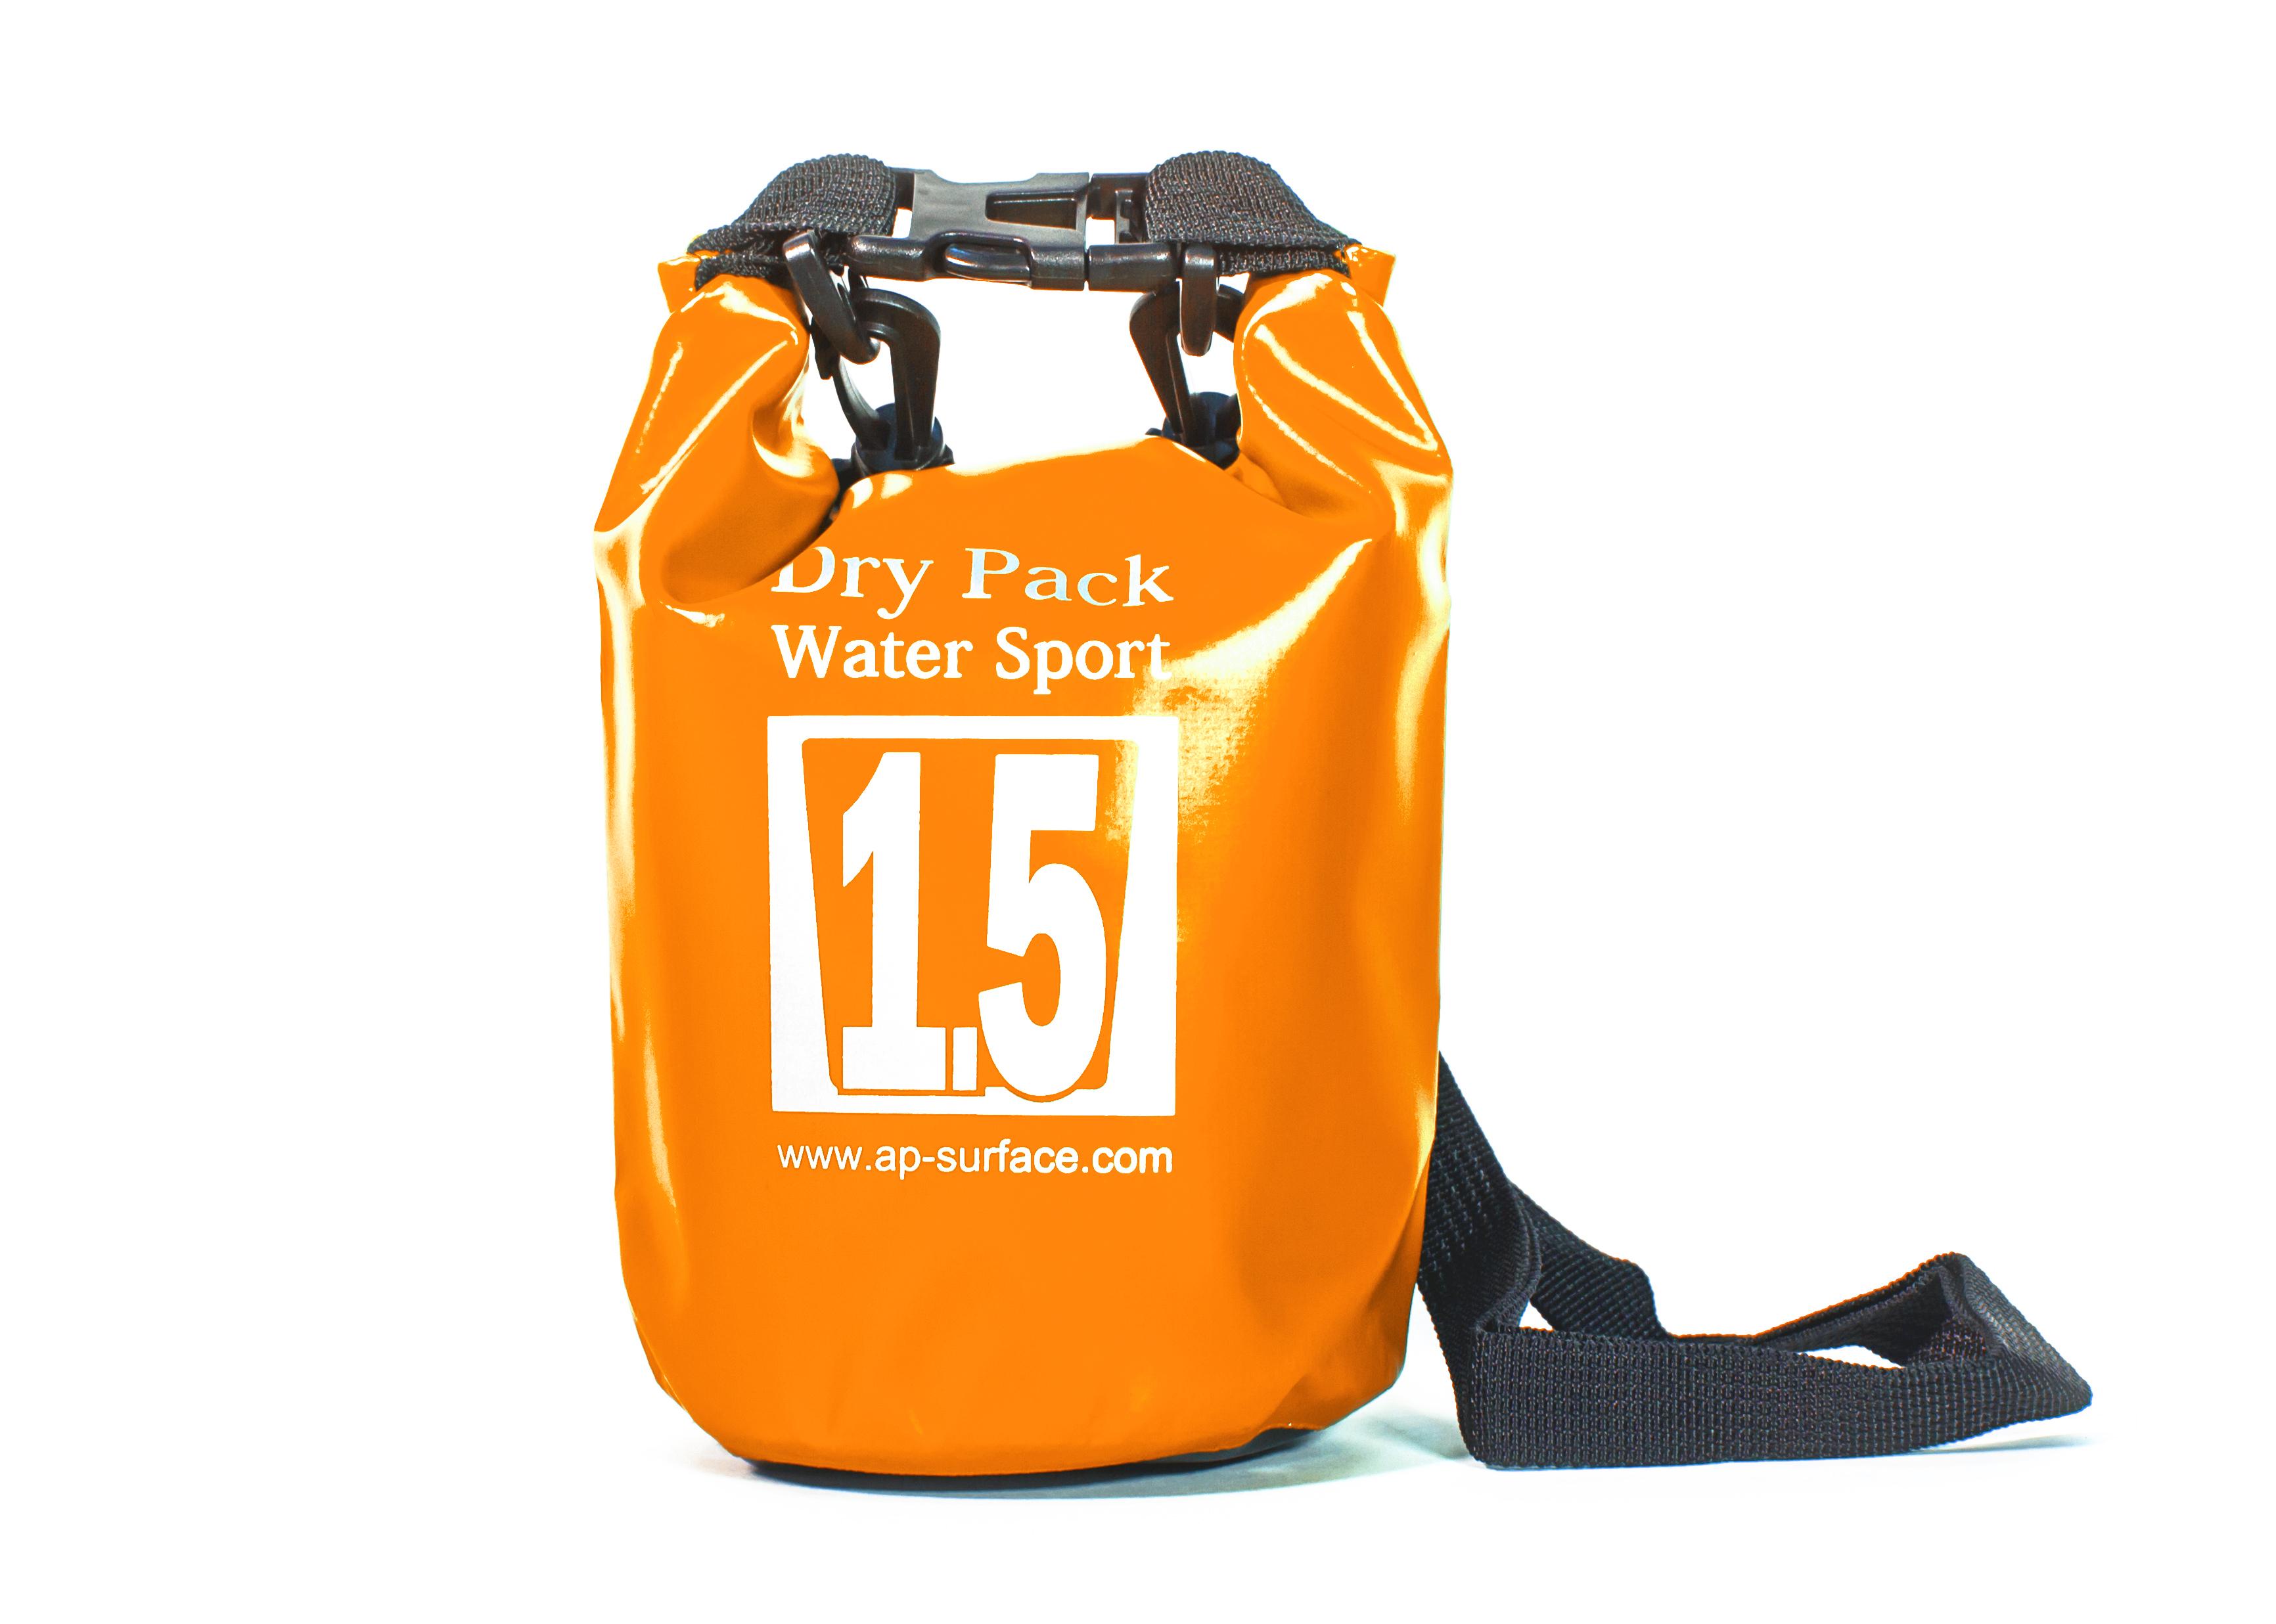 กระเป๋ากันน้ำ Dry pack 1.5L- สีส้ม